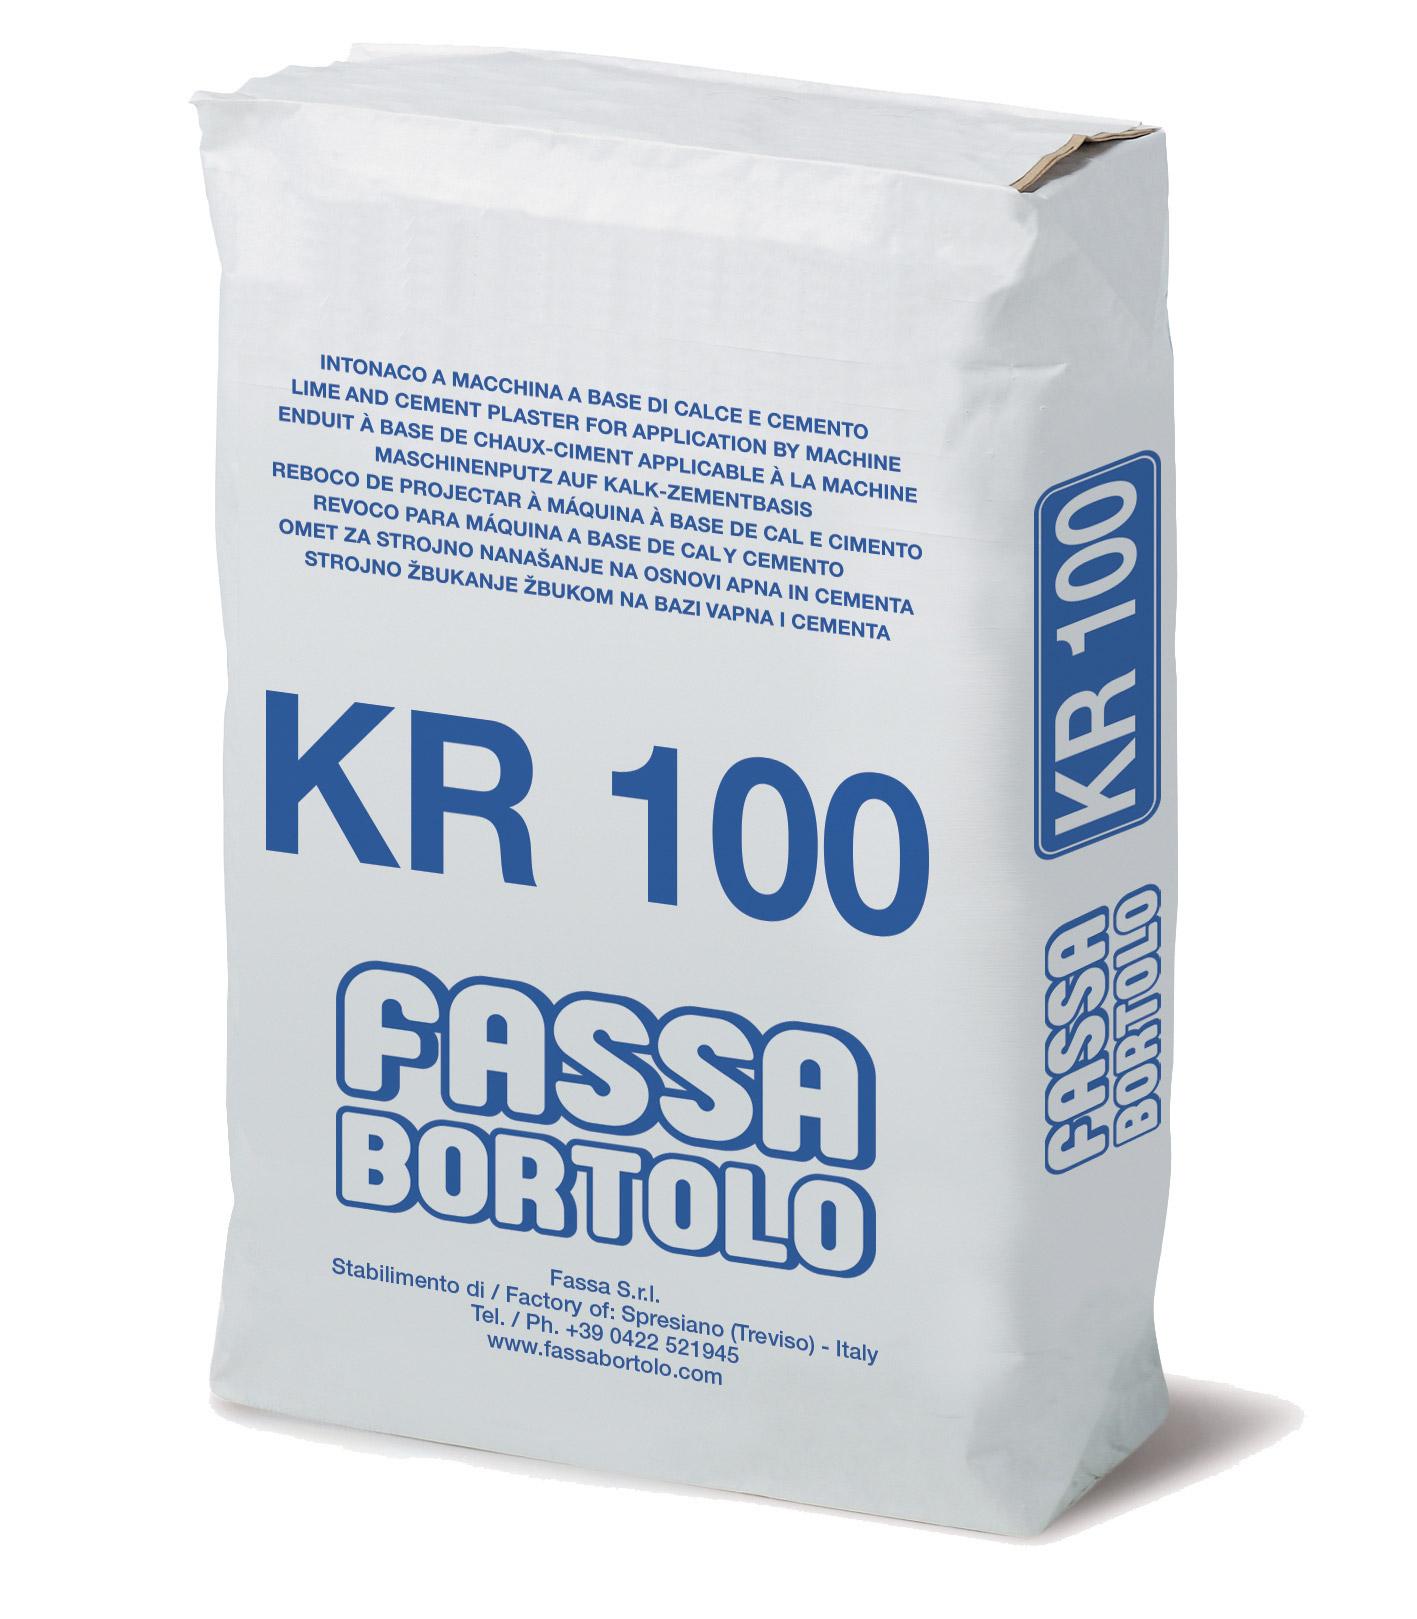 KR 100: Intonaco di fondo a base di calce e cemento, con elevate resistenze meccaniche, per esterni ed interni